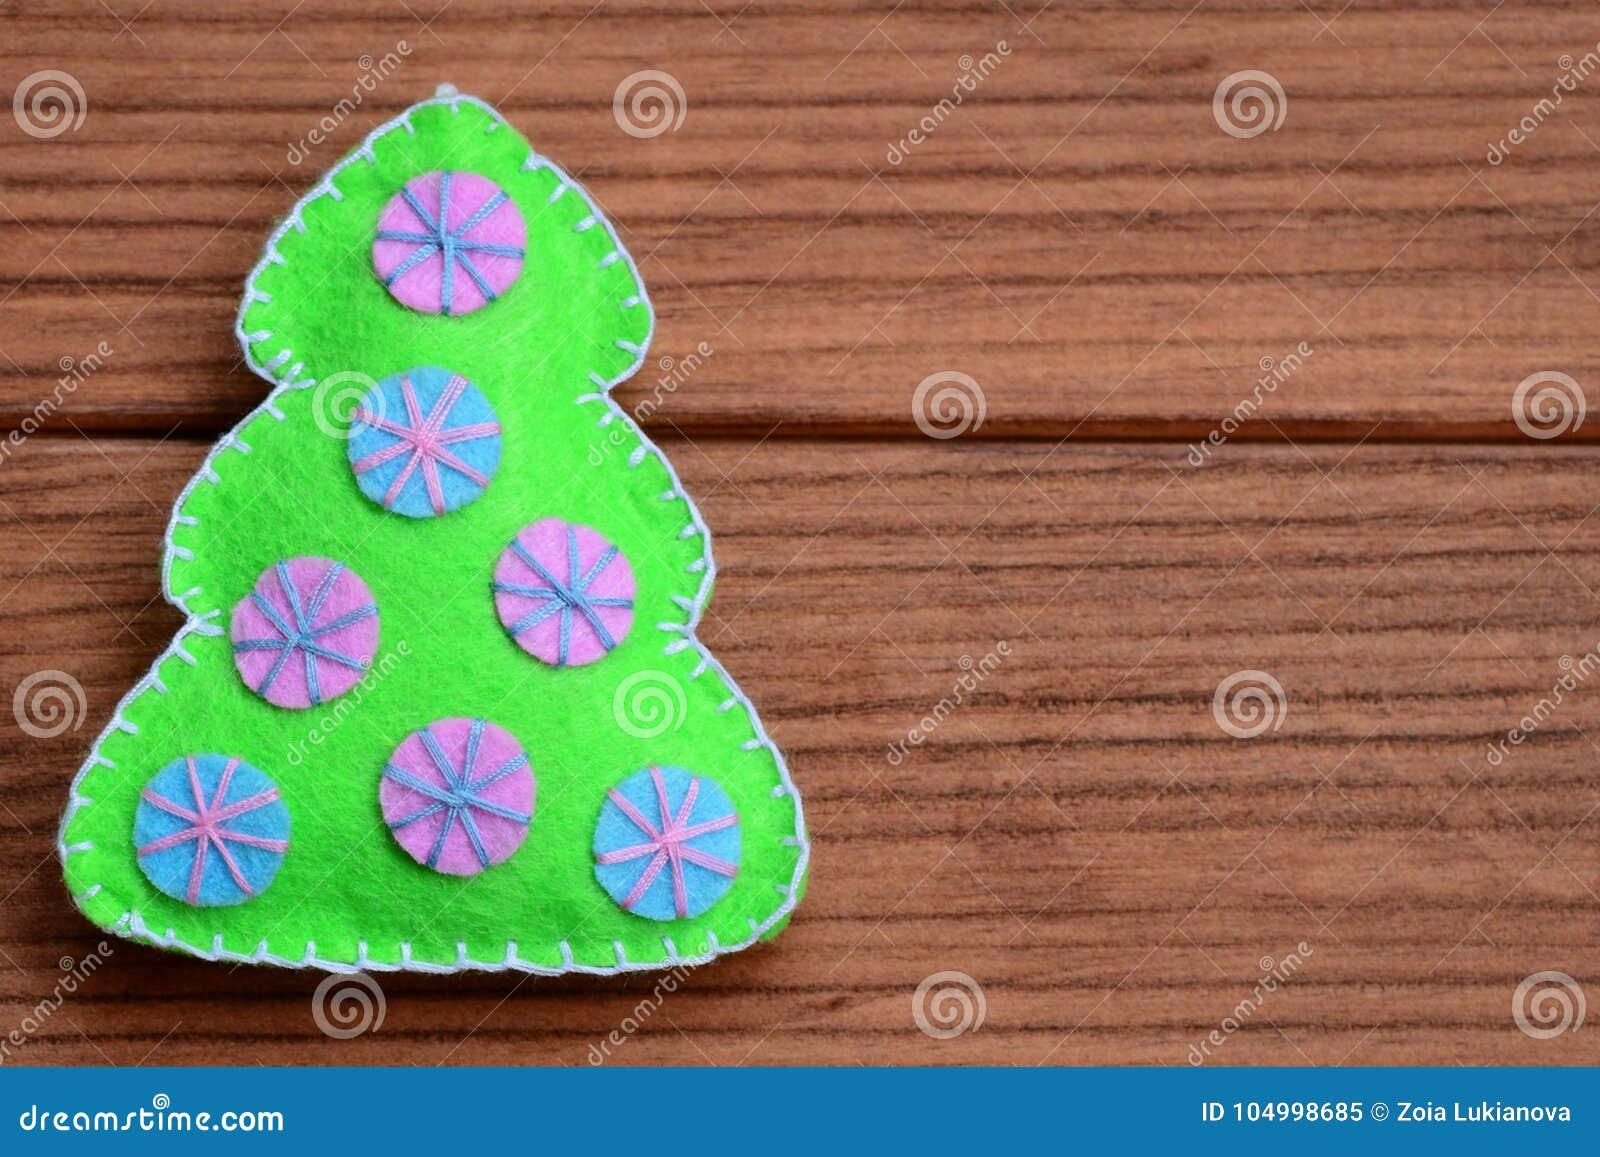 Merry Christmas Card Idea Winter Festive Background Felt Christmas